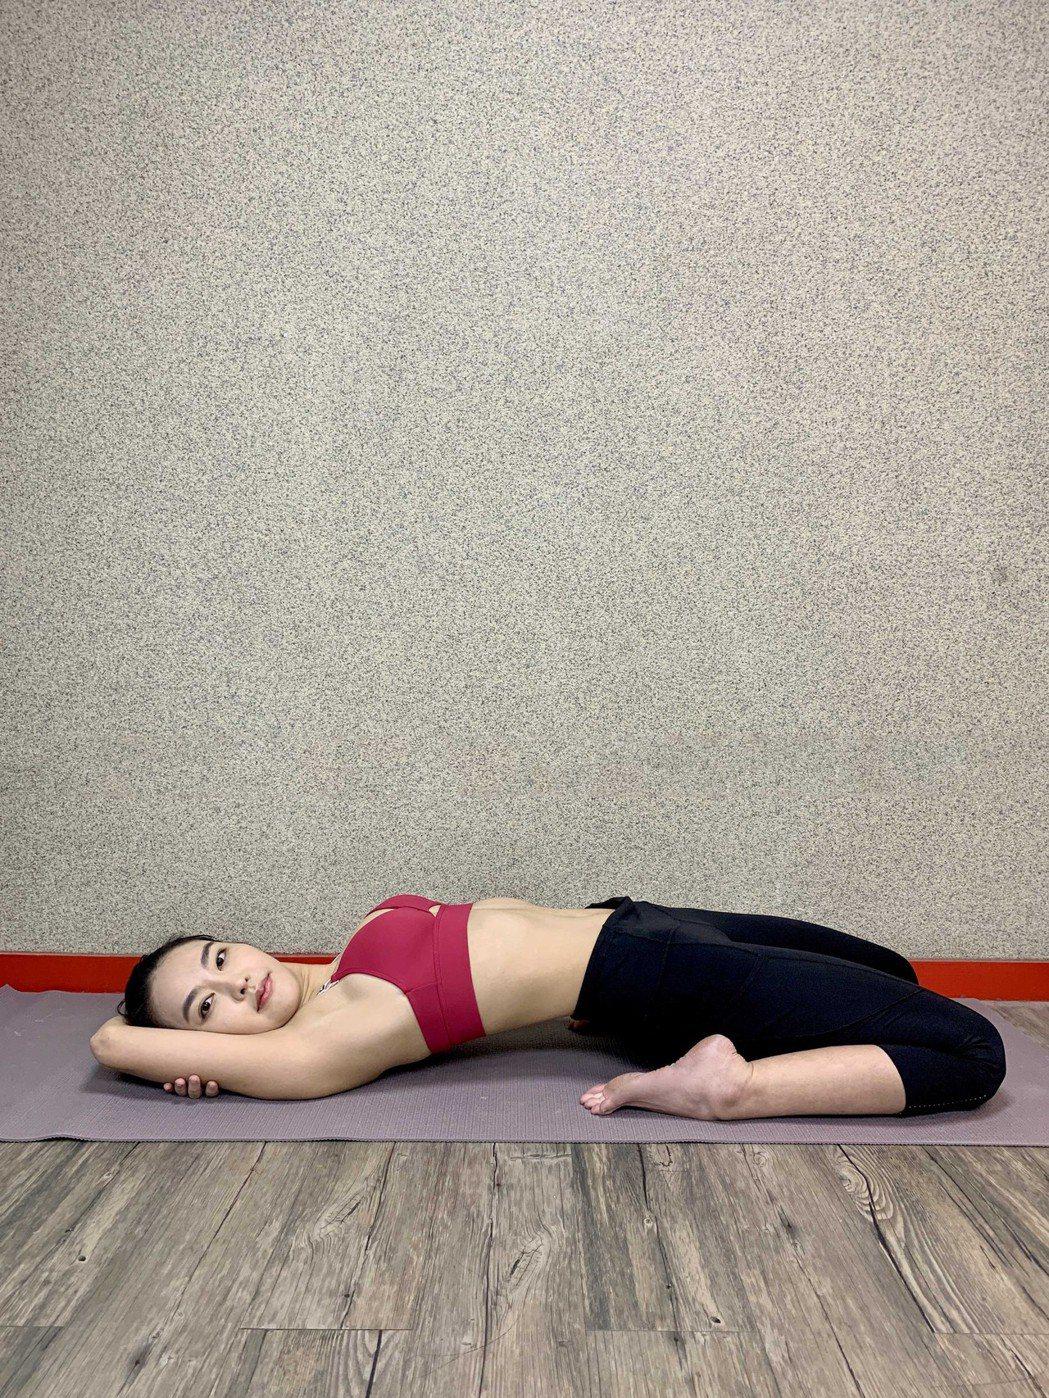 蔡詩羽做瑜珈提升免疫力。圖/達騰娛樂提供